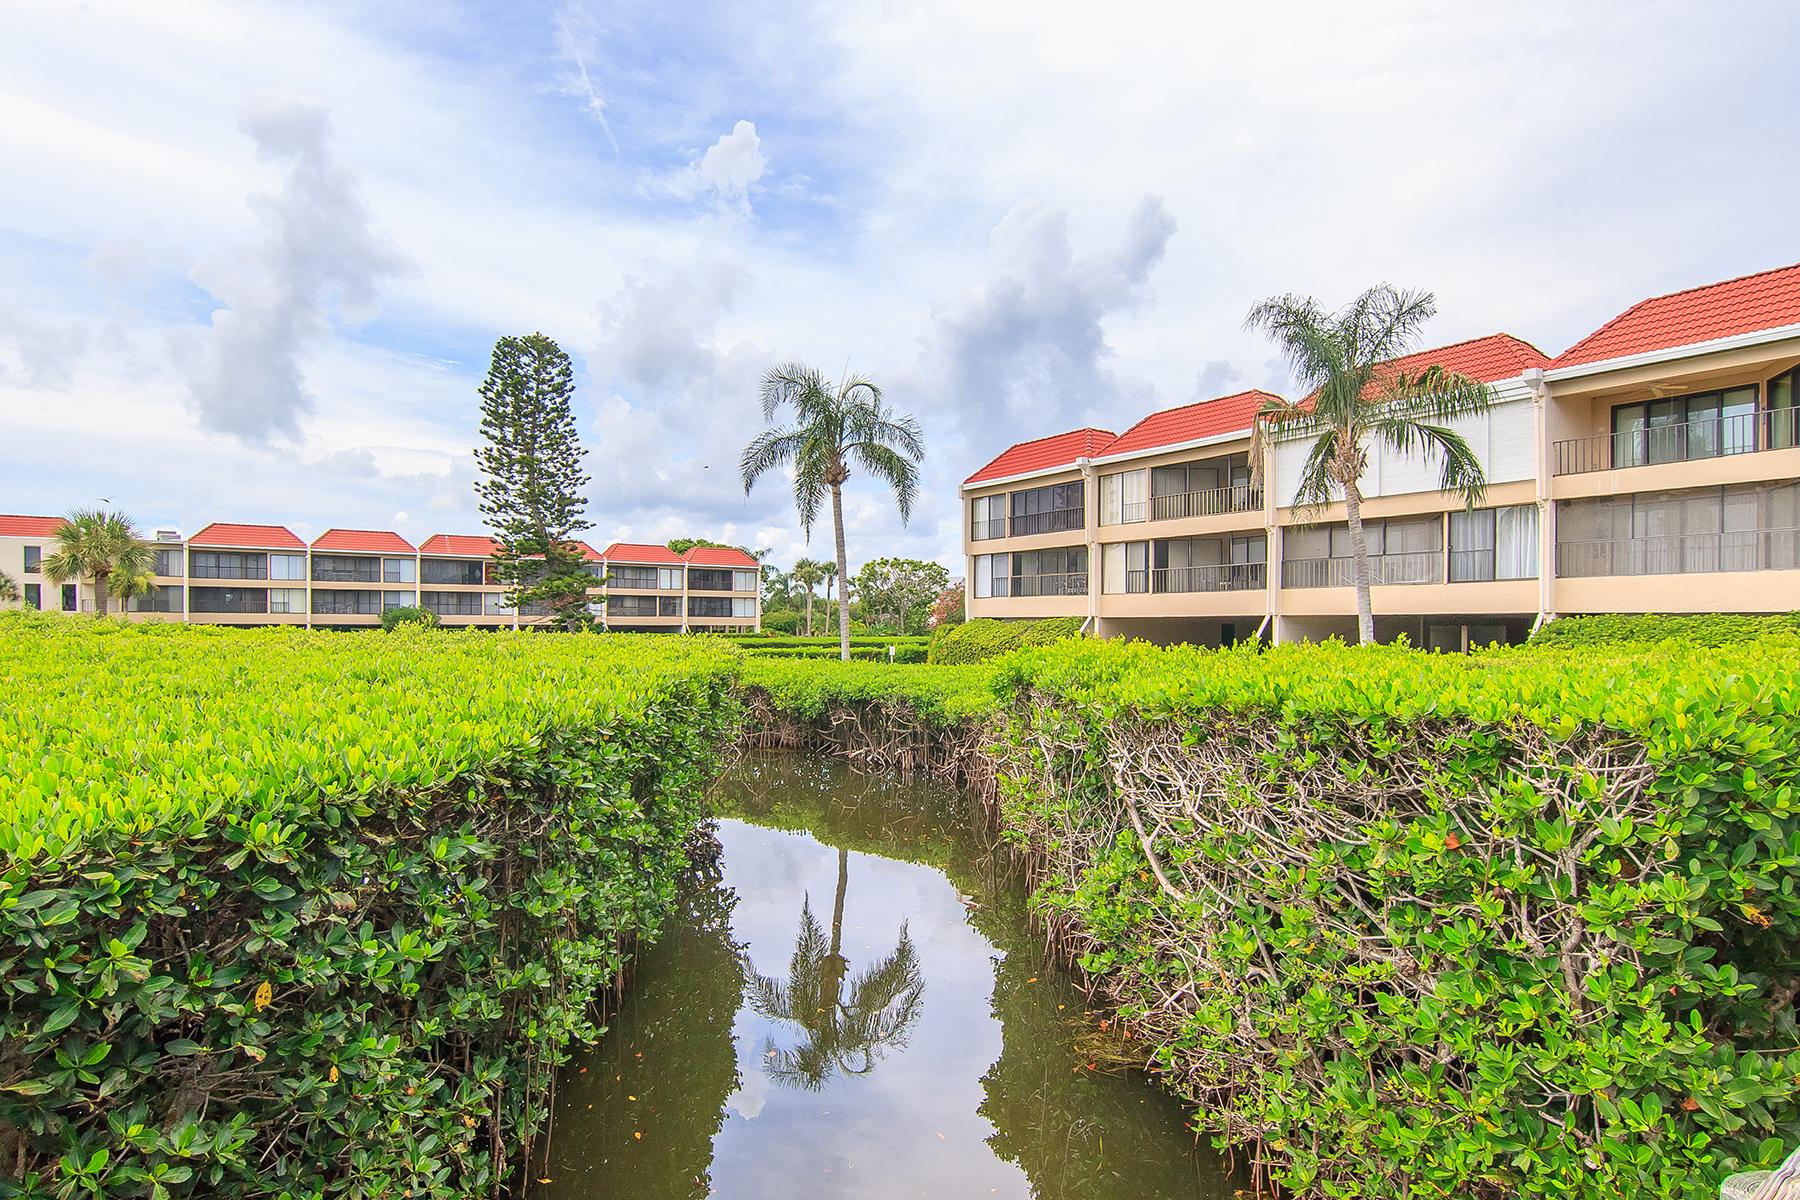 Condomínio para Venda às HOLMES BEACH 3805 E Bay Dr 305 Holmes Beach, Florida 34217 Estados Unidos